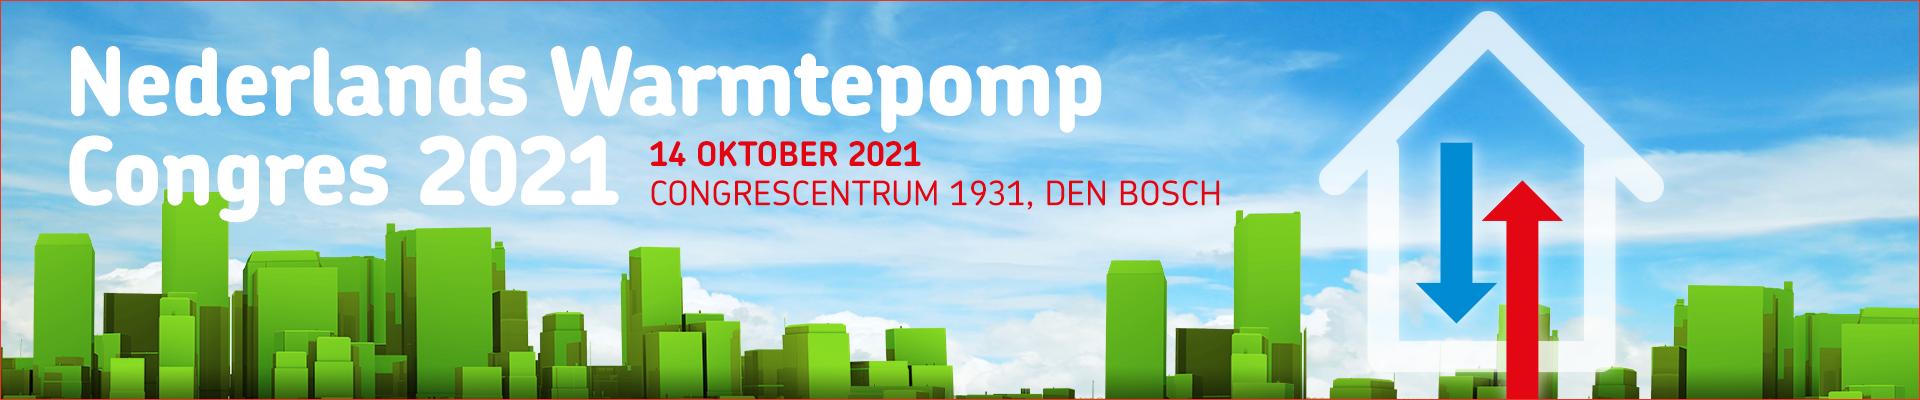 Nederlands warmtepomp congres 2021